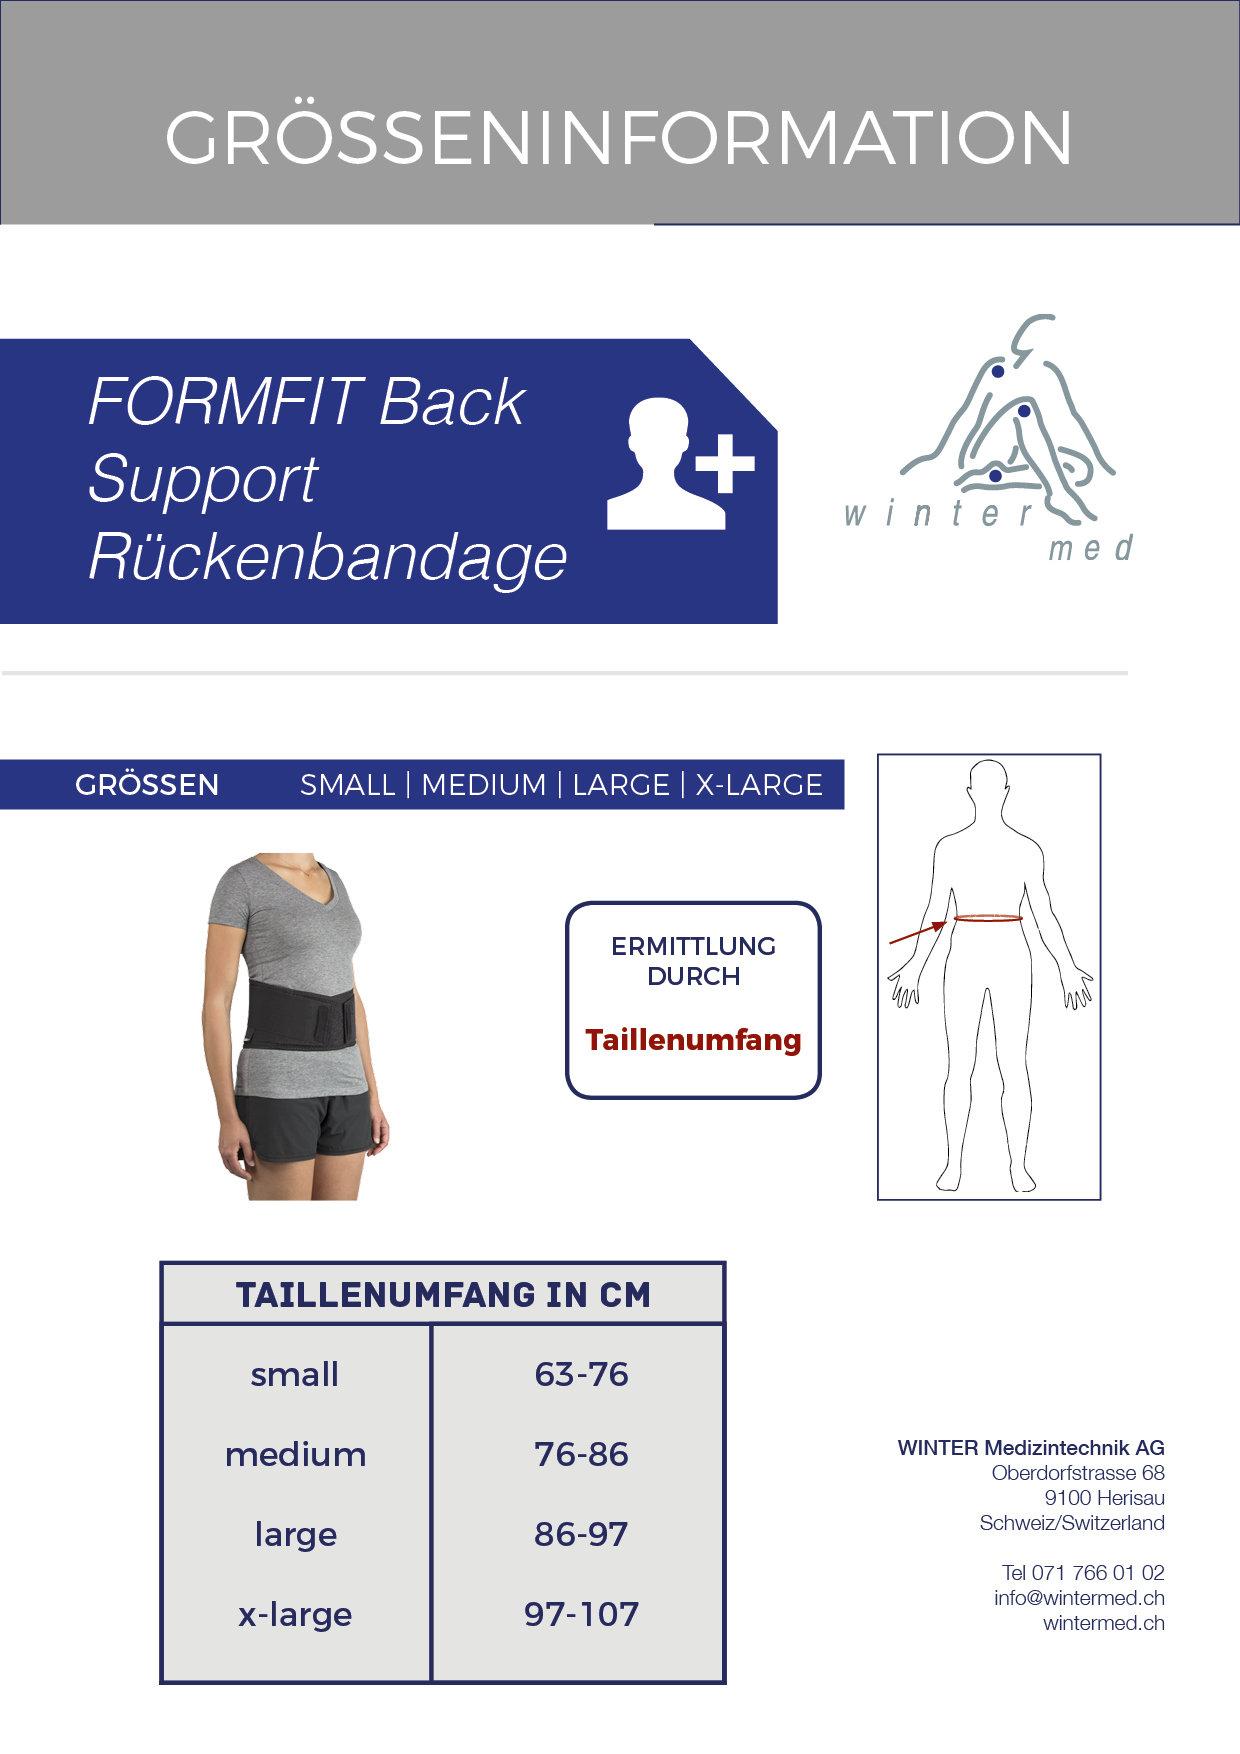 Grössentabelle der Formfit Back Support Rückenbandage